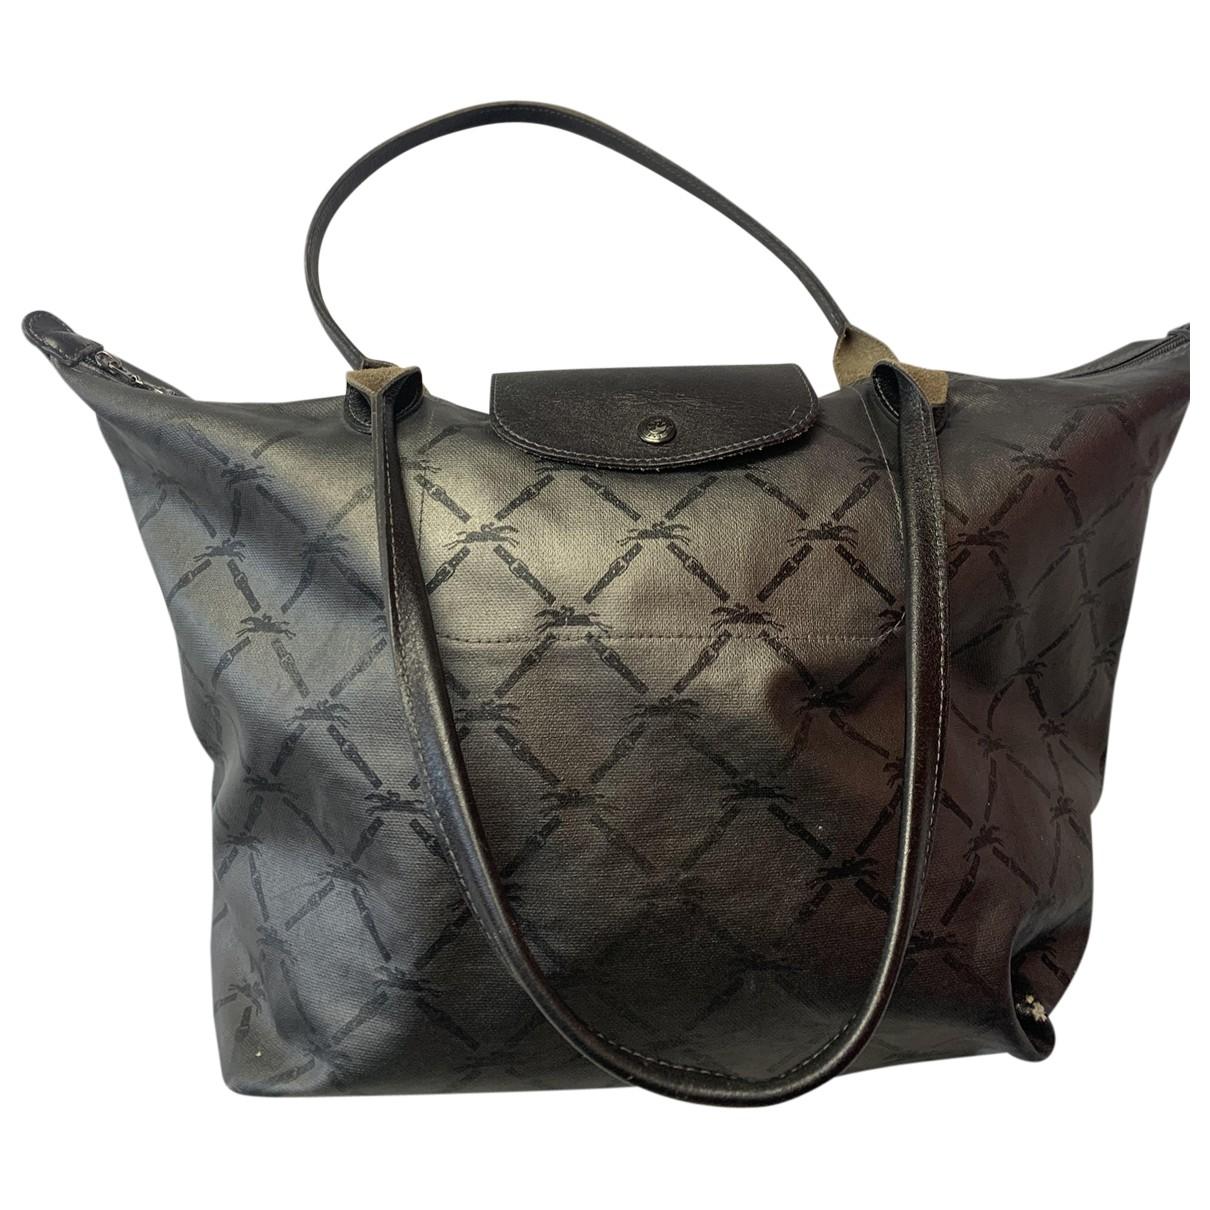 Longchamp - Sac a main Pliage  pour femme en toile - argente